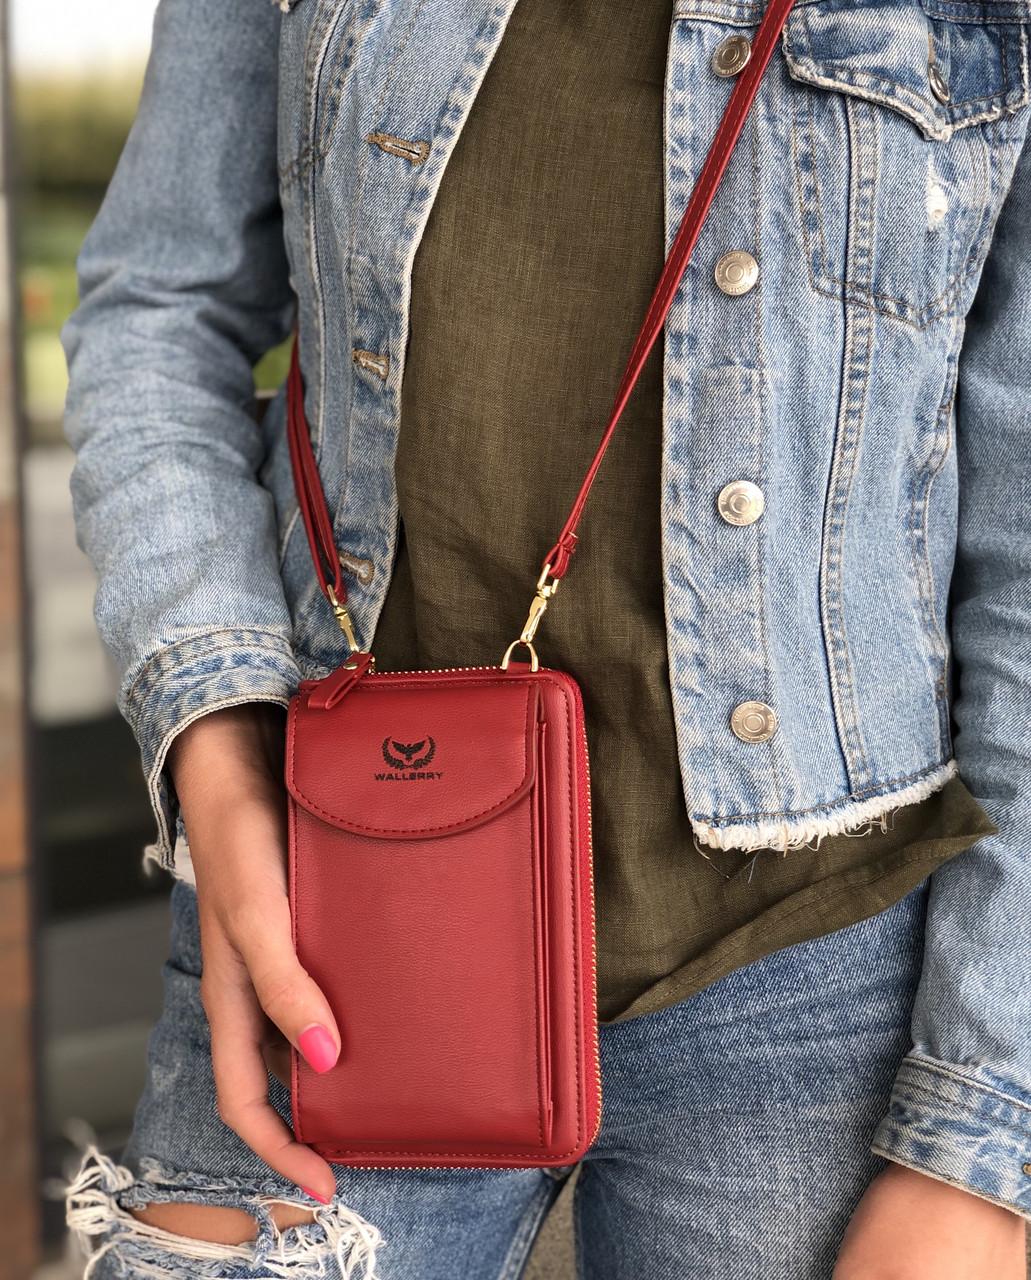 Сумка-клатч красная на ремешке с карманом для телефона